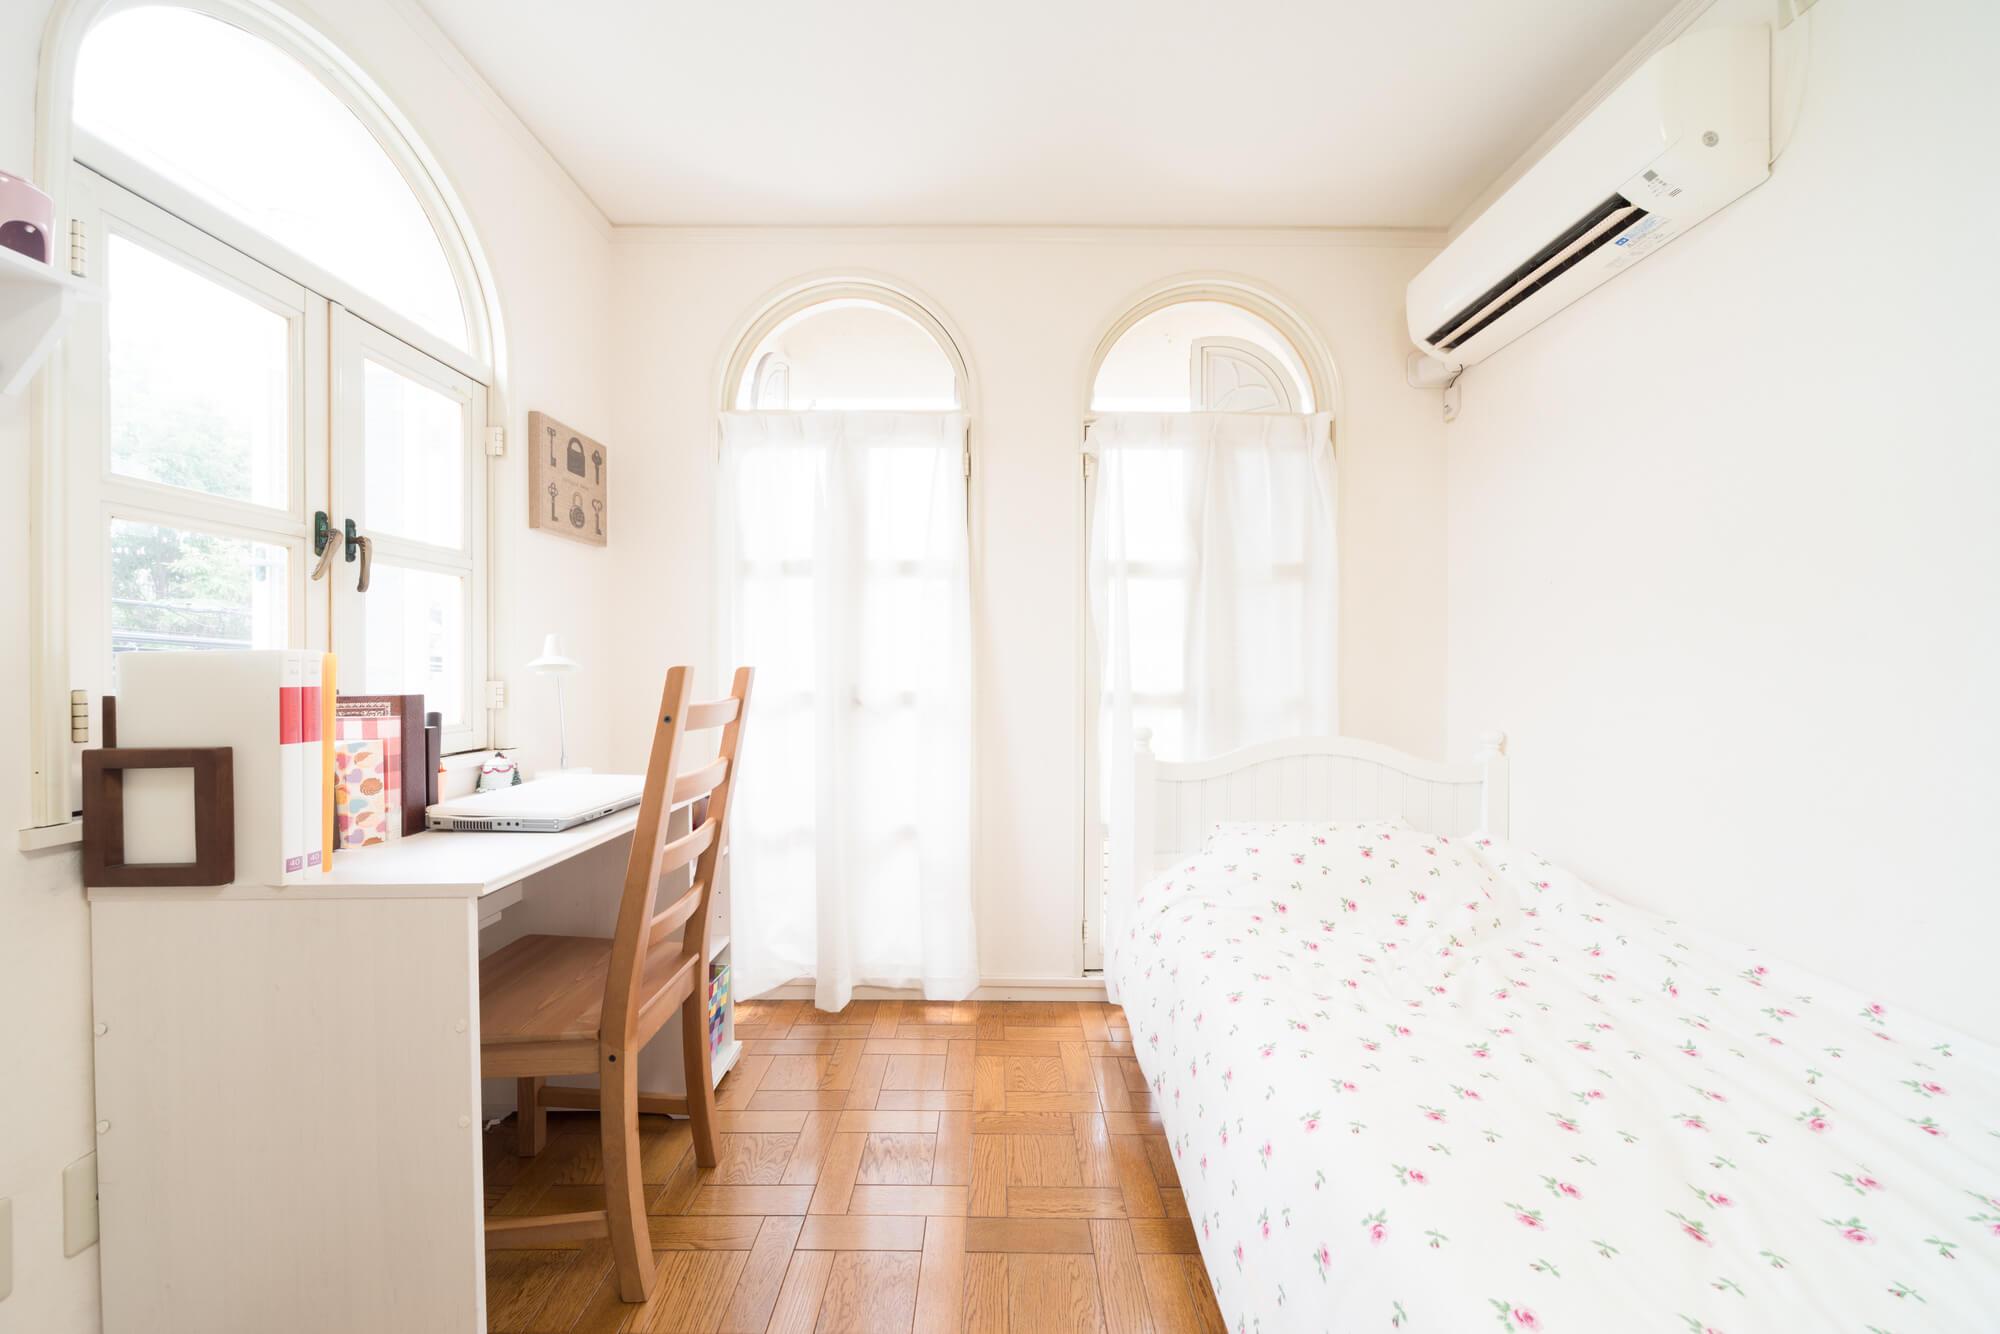 一人暮らしのワンルームや寝室、子供部屋